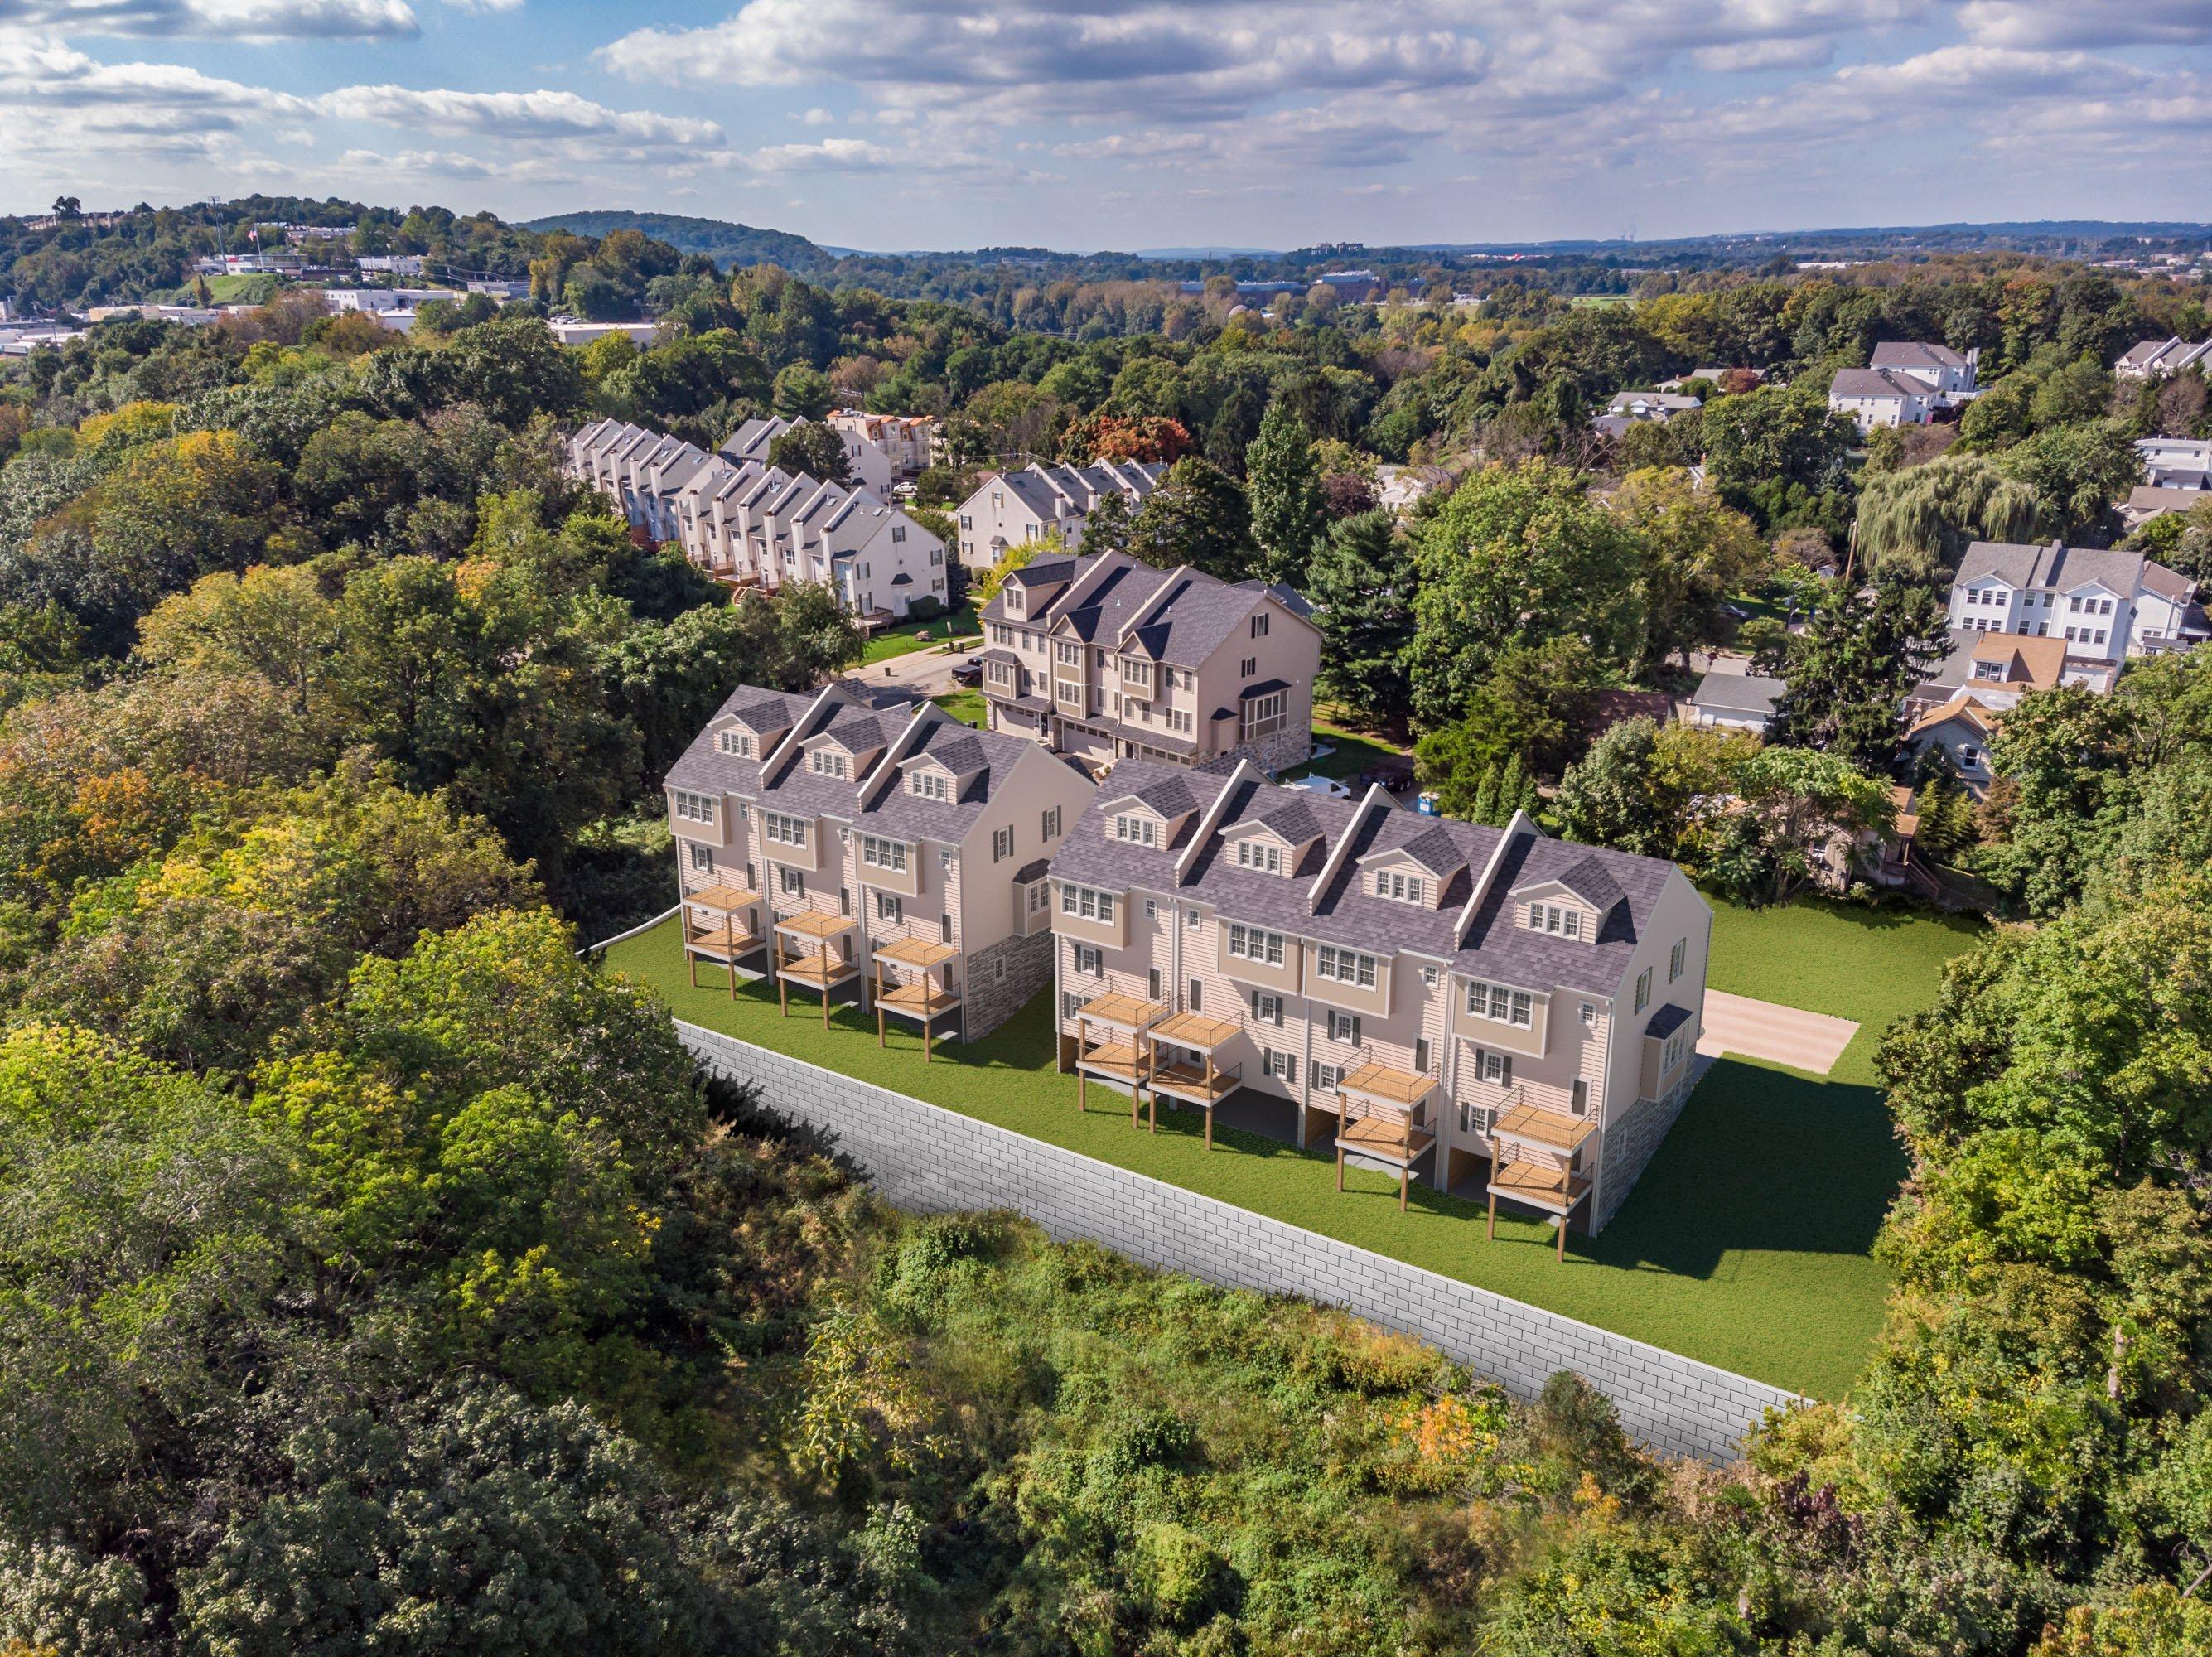 DB-rendering-exterior-residential-2018-01-conshohocken